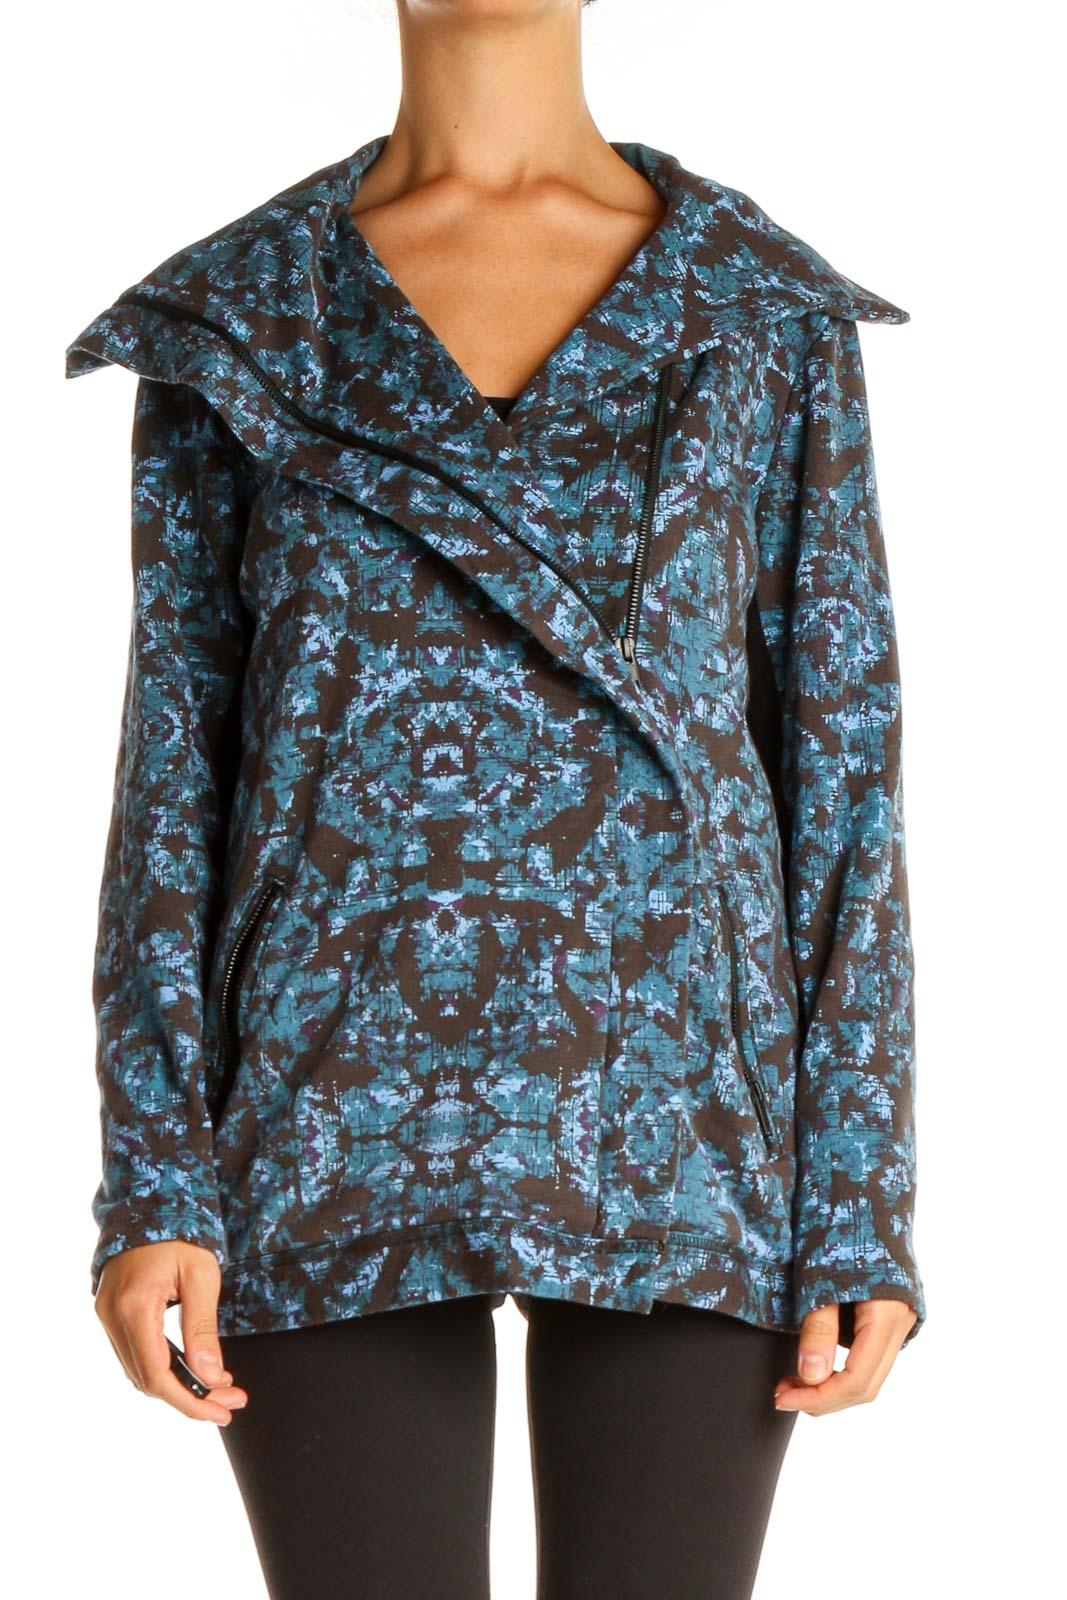 Blue Black Activewear Jacket Front